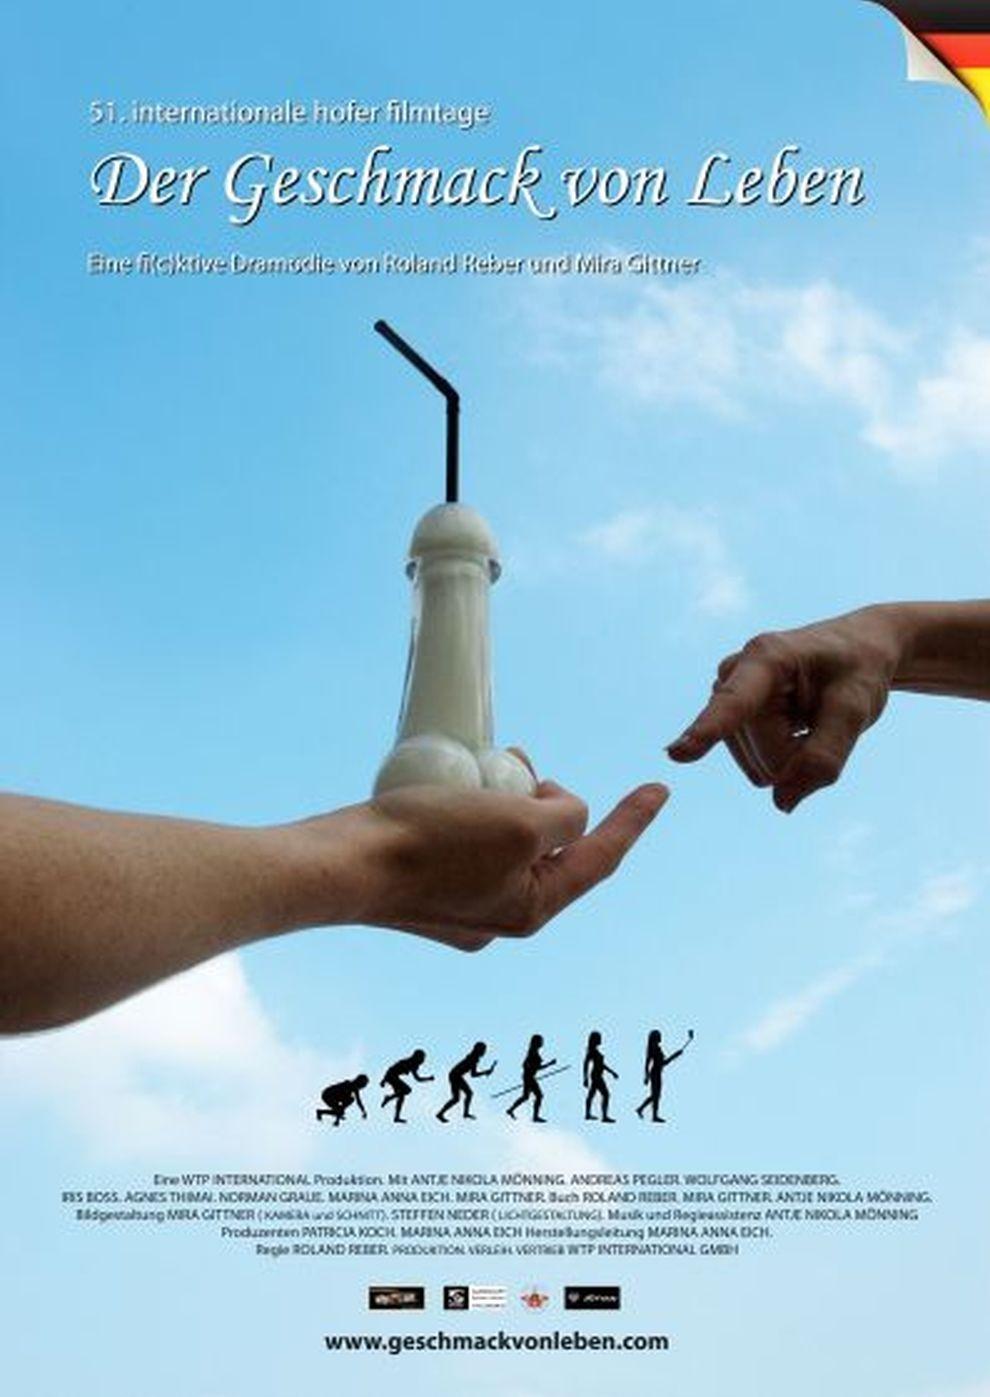 Der Geschmack von Leben (Poster)